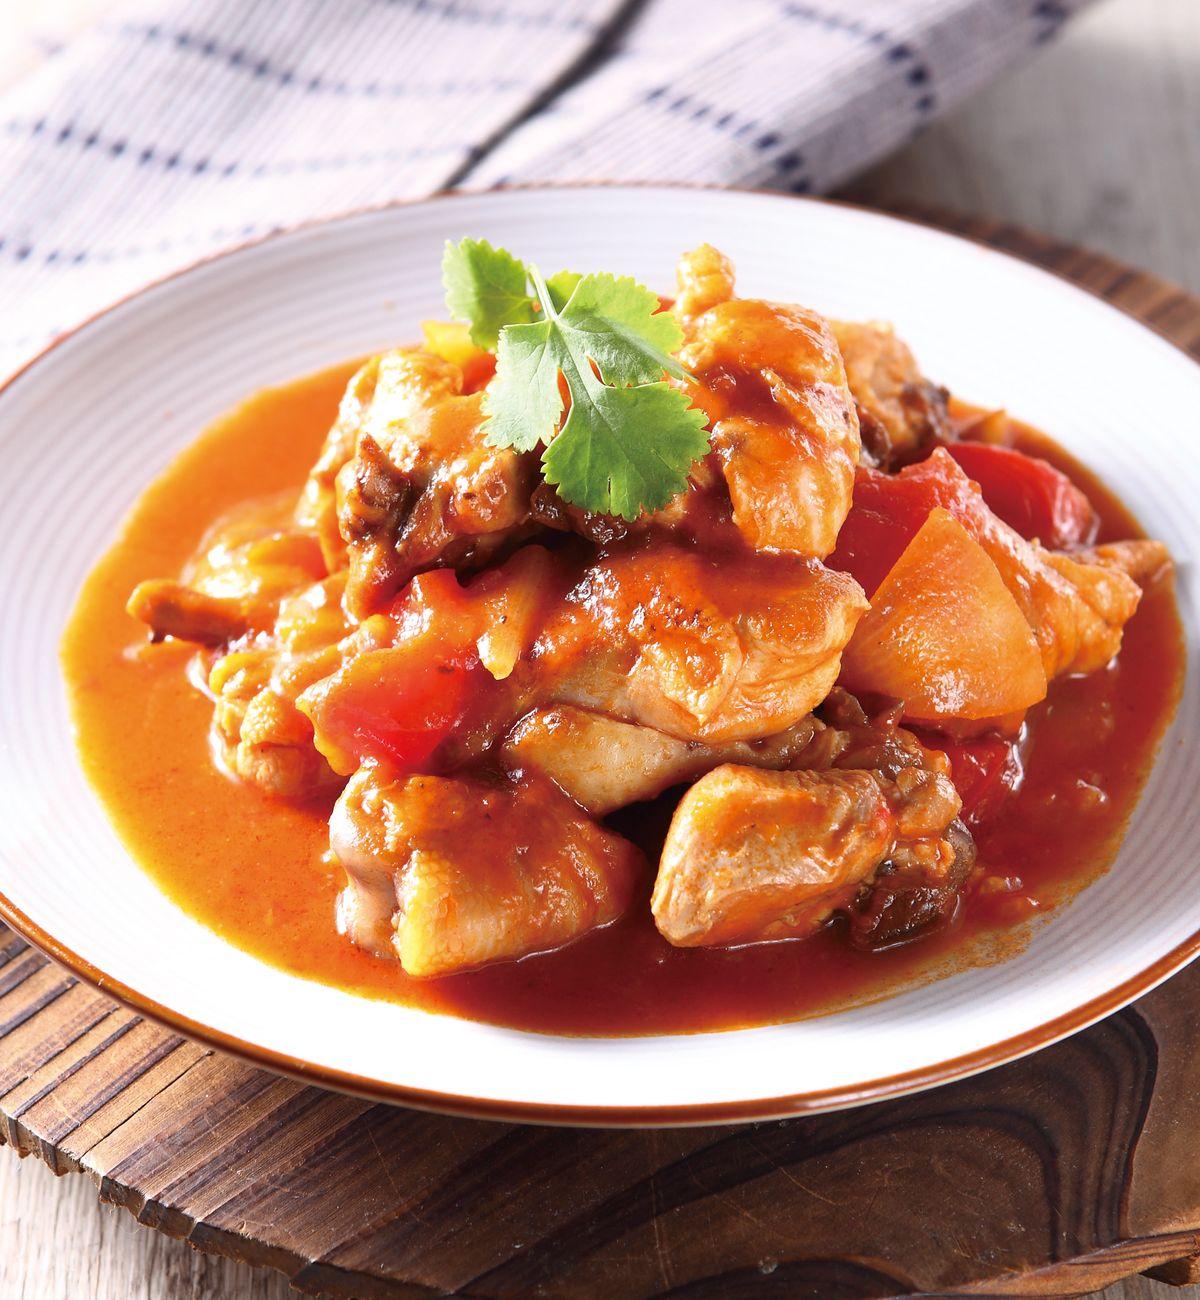 食譜:番茄燒雞肉